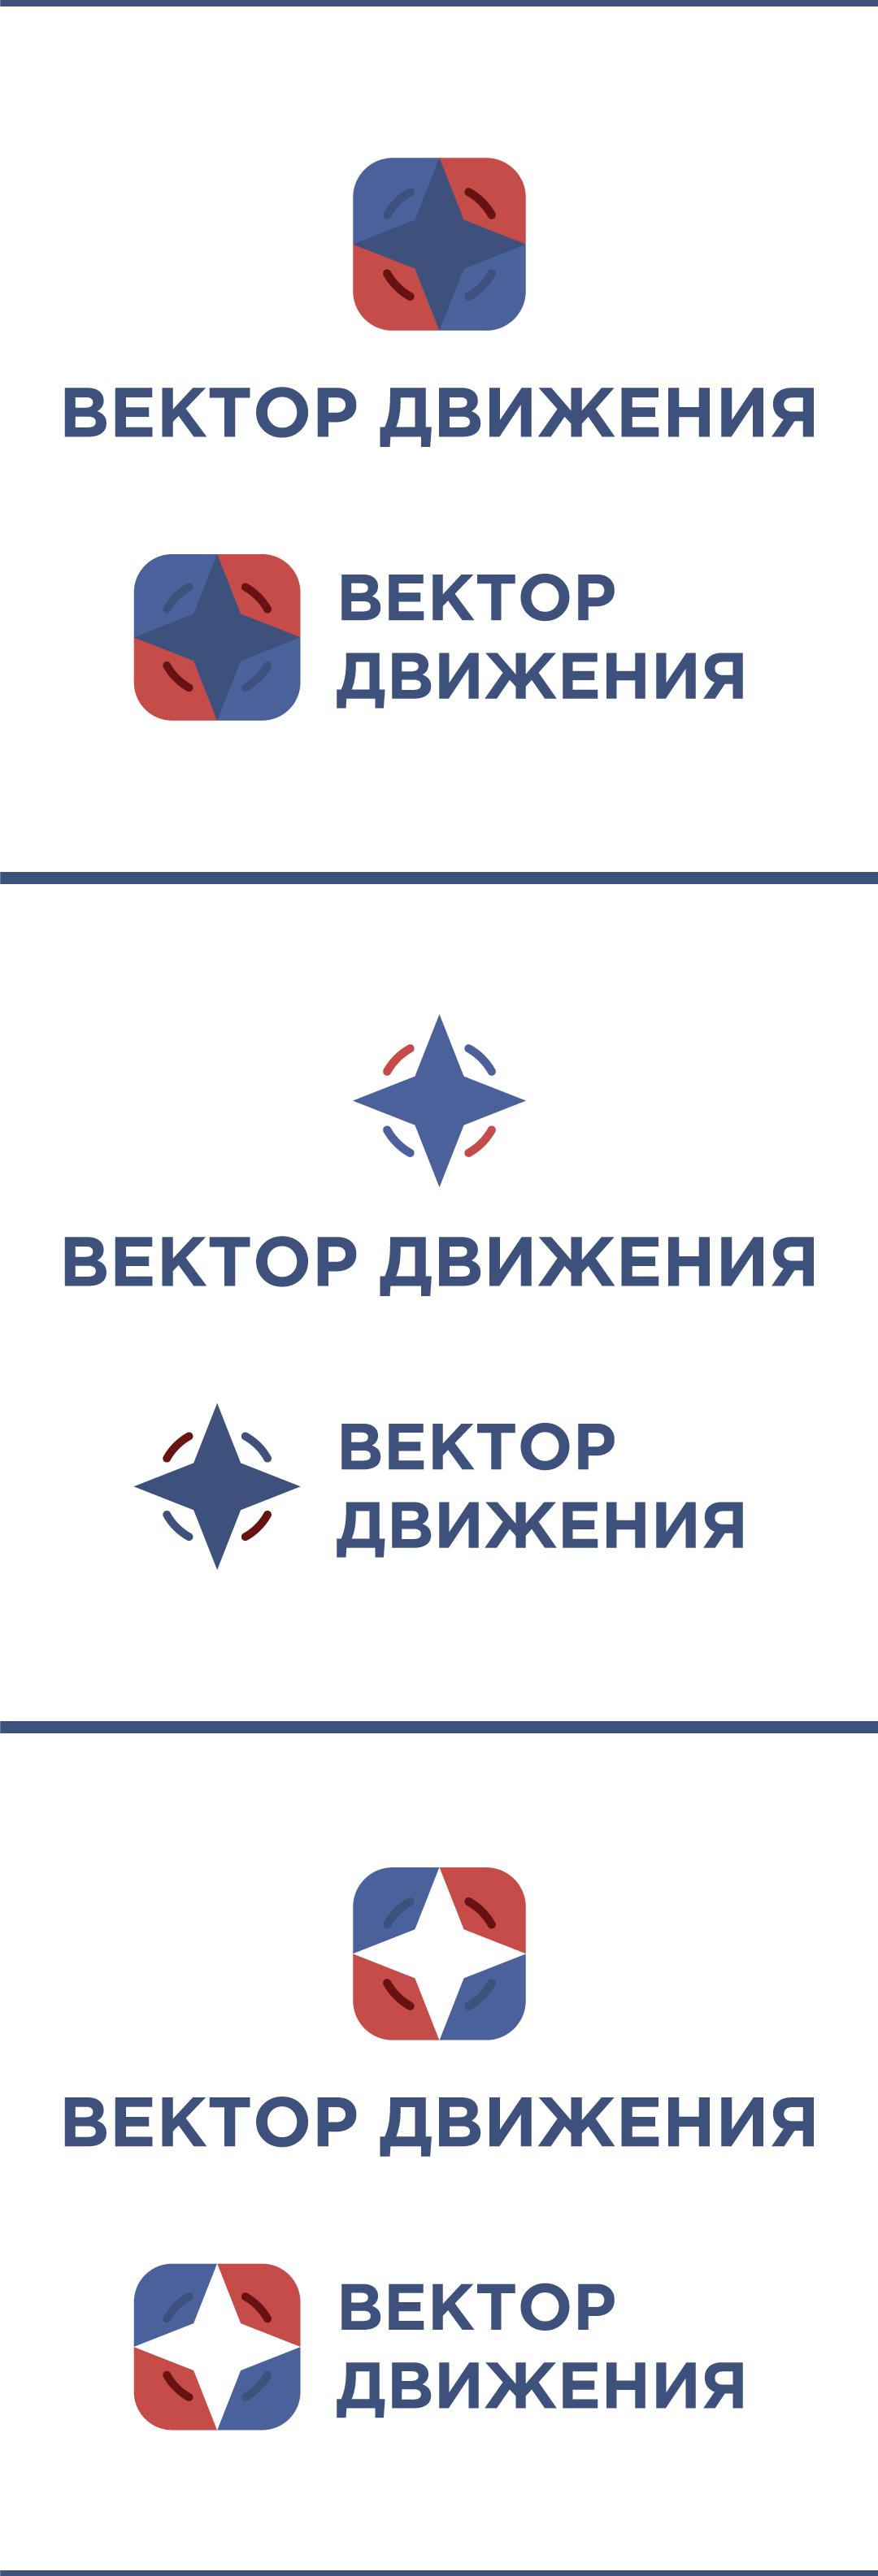 Разработка логотипа фото f_4065c26725bdaf8b.jpg